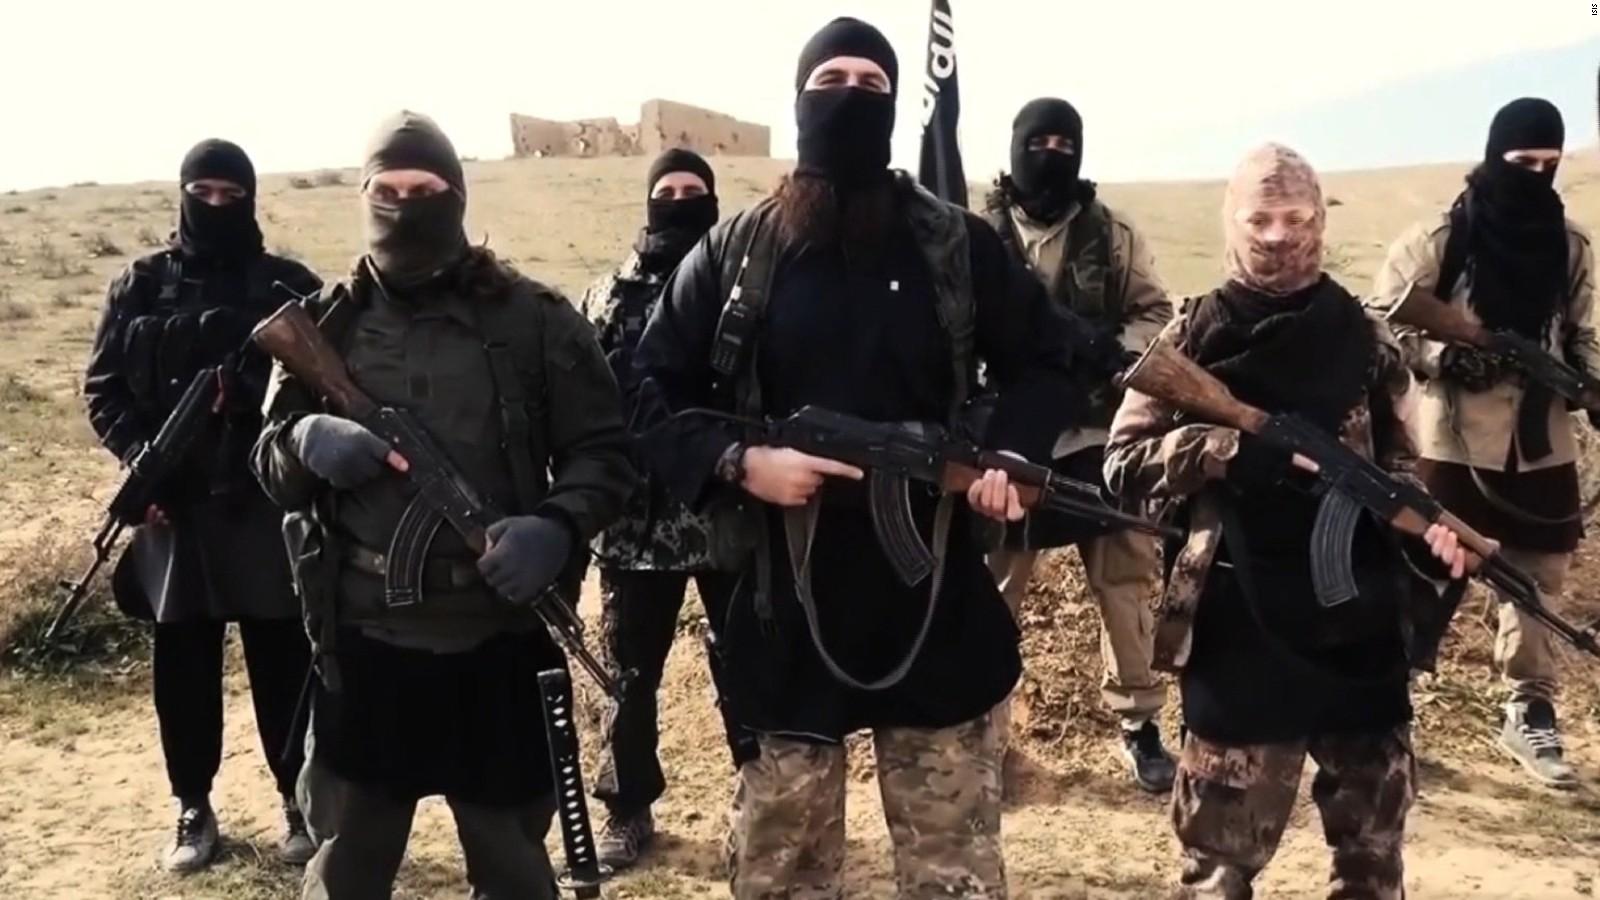 Salafisten bewaffnen sich: Steuert die Türkei auf einen Bürgerkrieg zu?